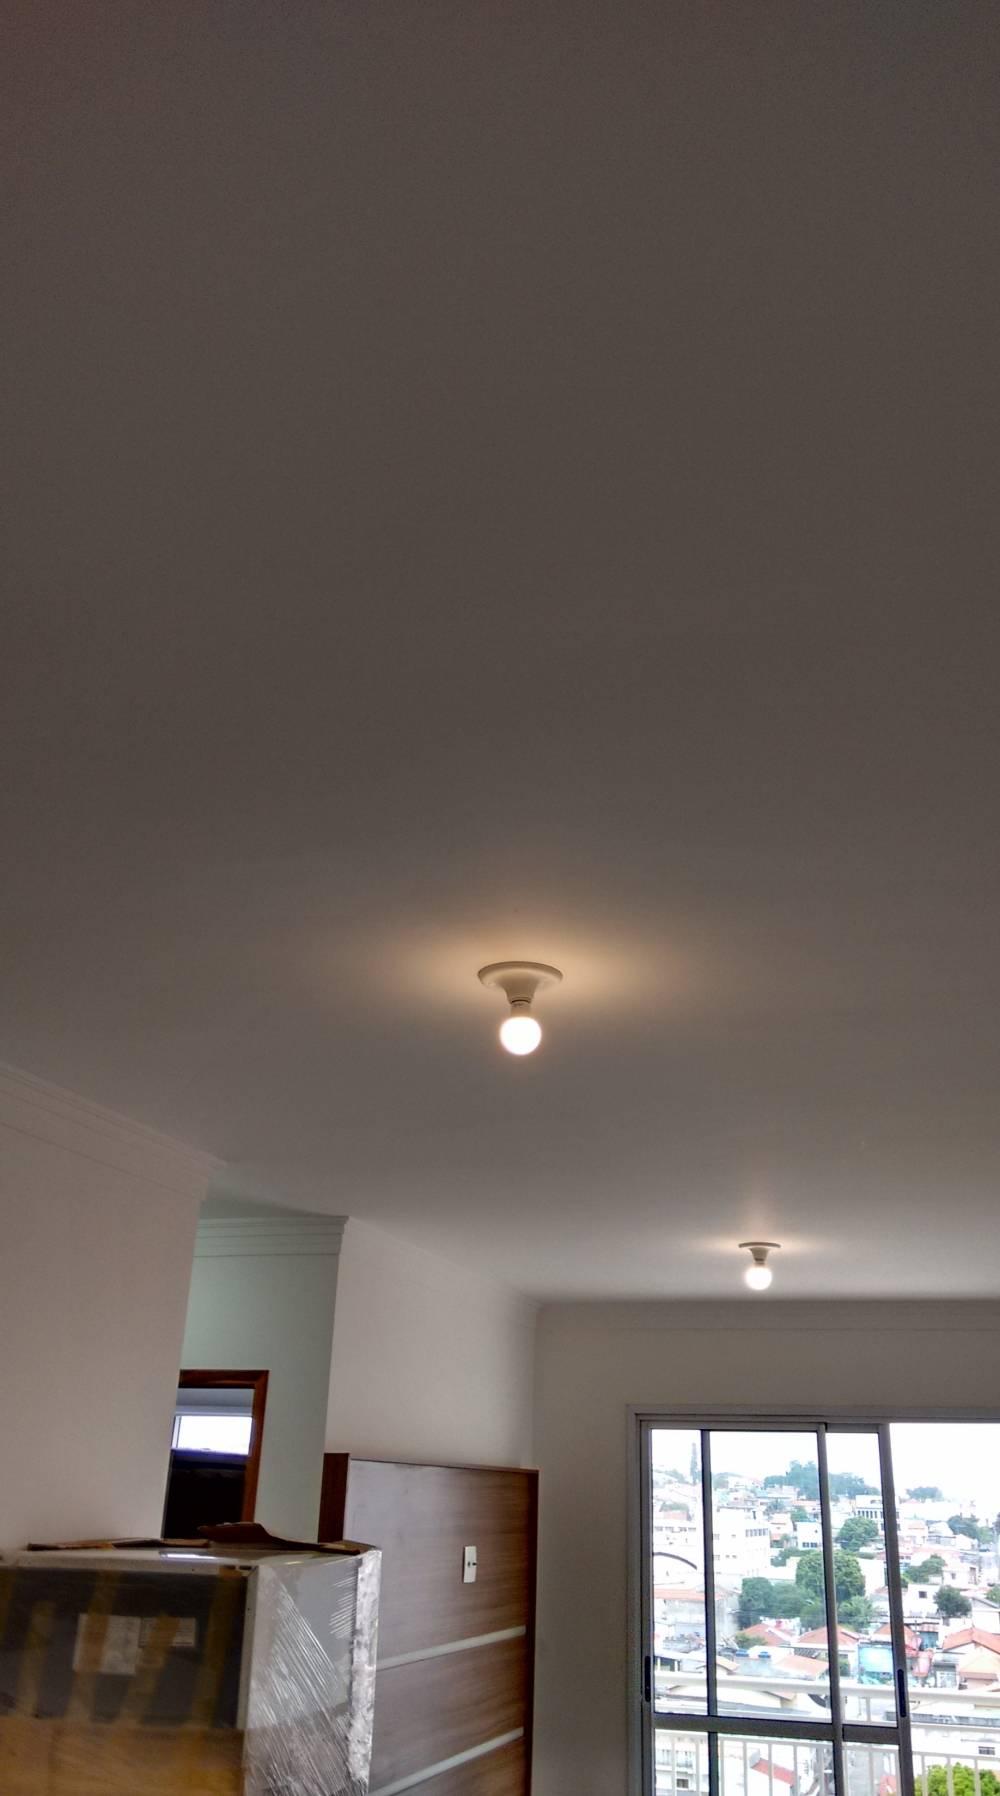 Serviço de Eletricidade Residencial Empresas Que Fazem na Vila Helena - Eletricista na Zona Leste